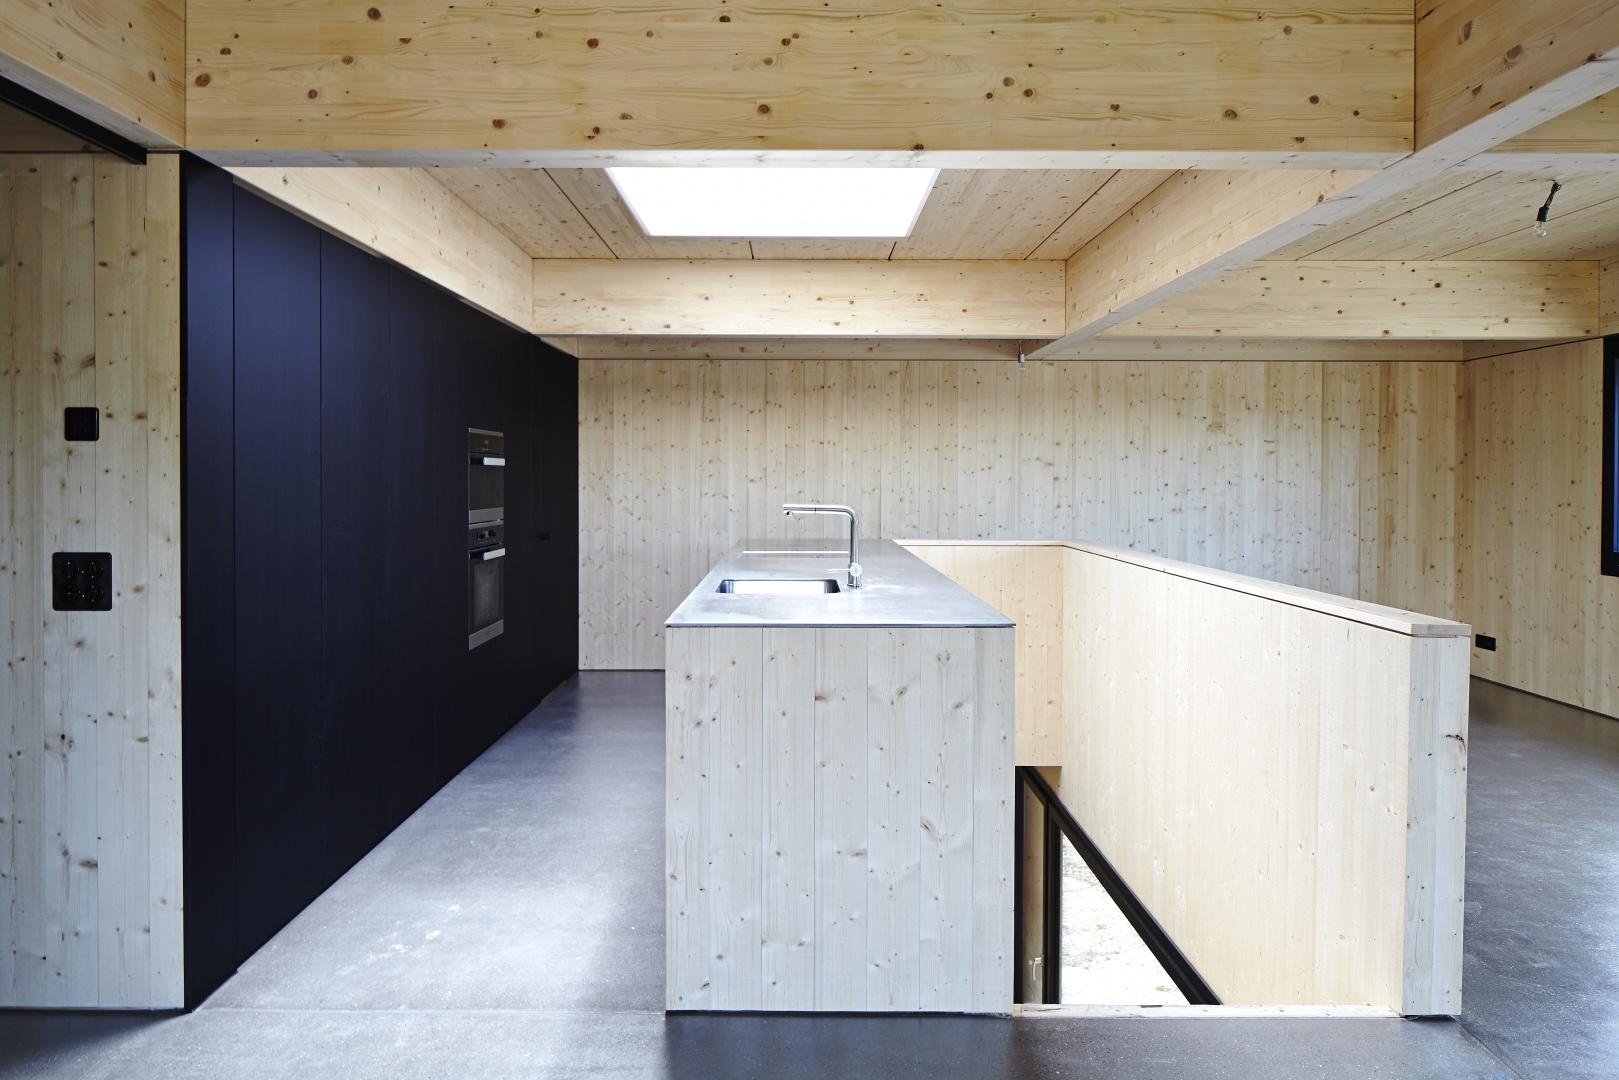 Küche © Marco Sieber, Luzern